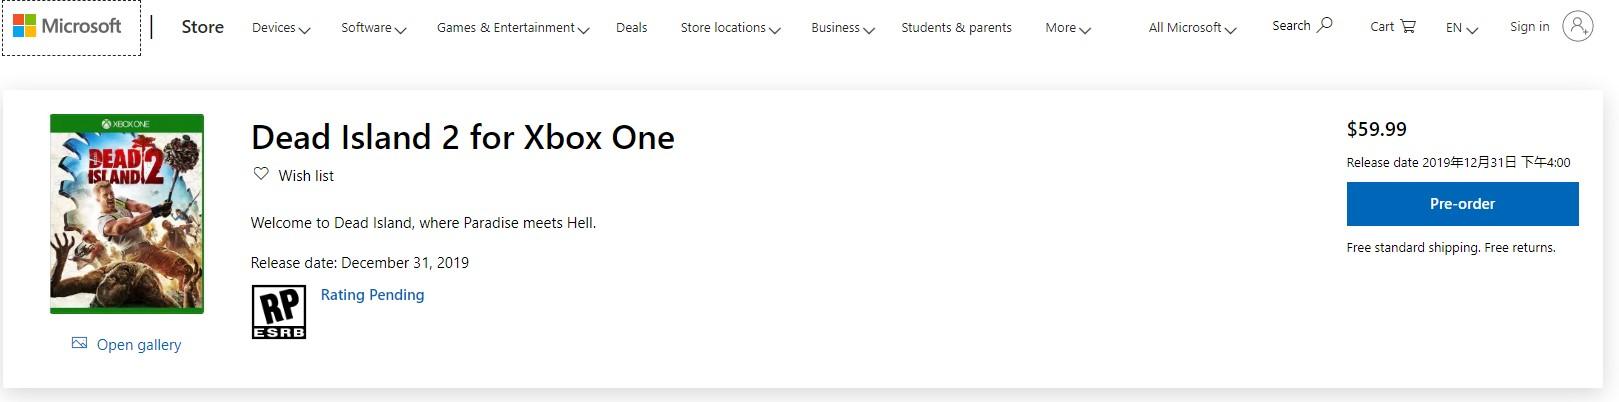 《死亡岛2》开发疑似取得重大进展 已在Xbox One商城开启预购